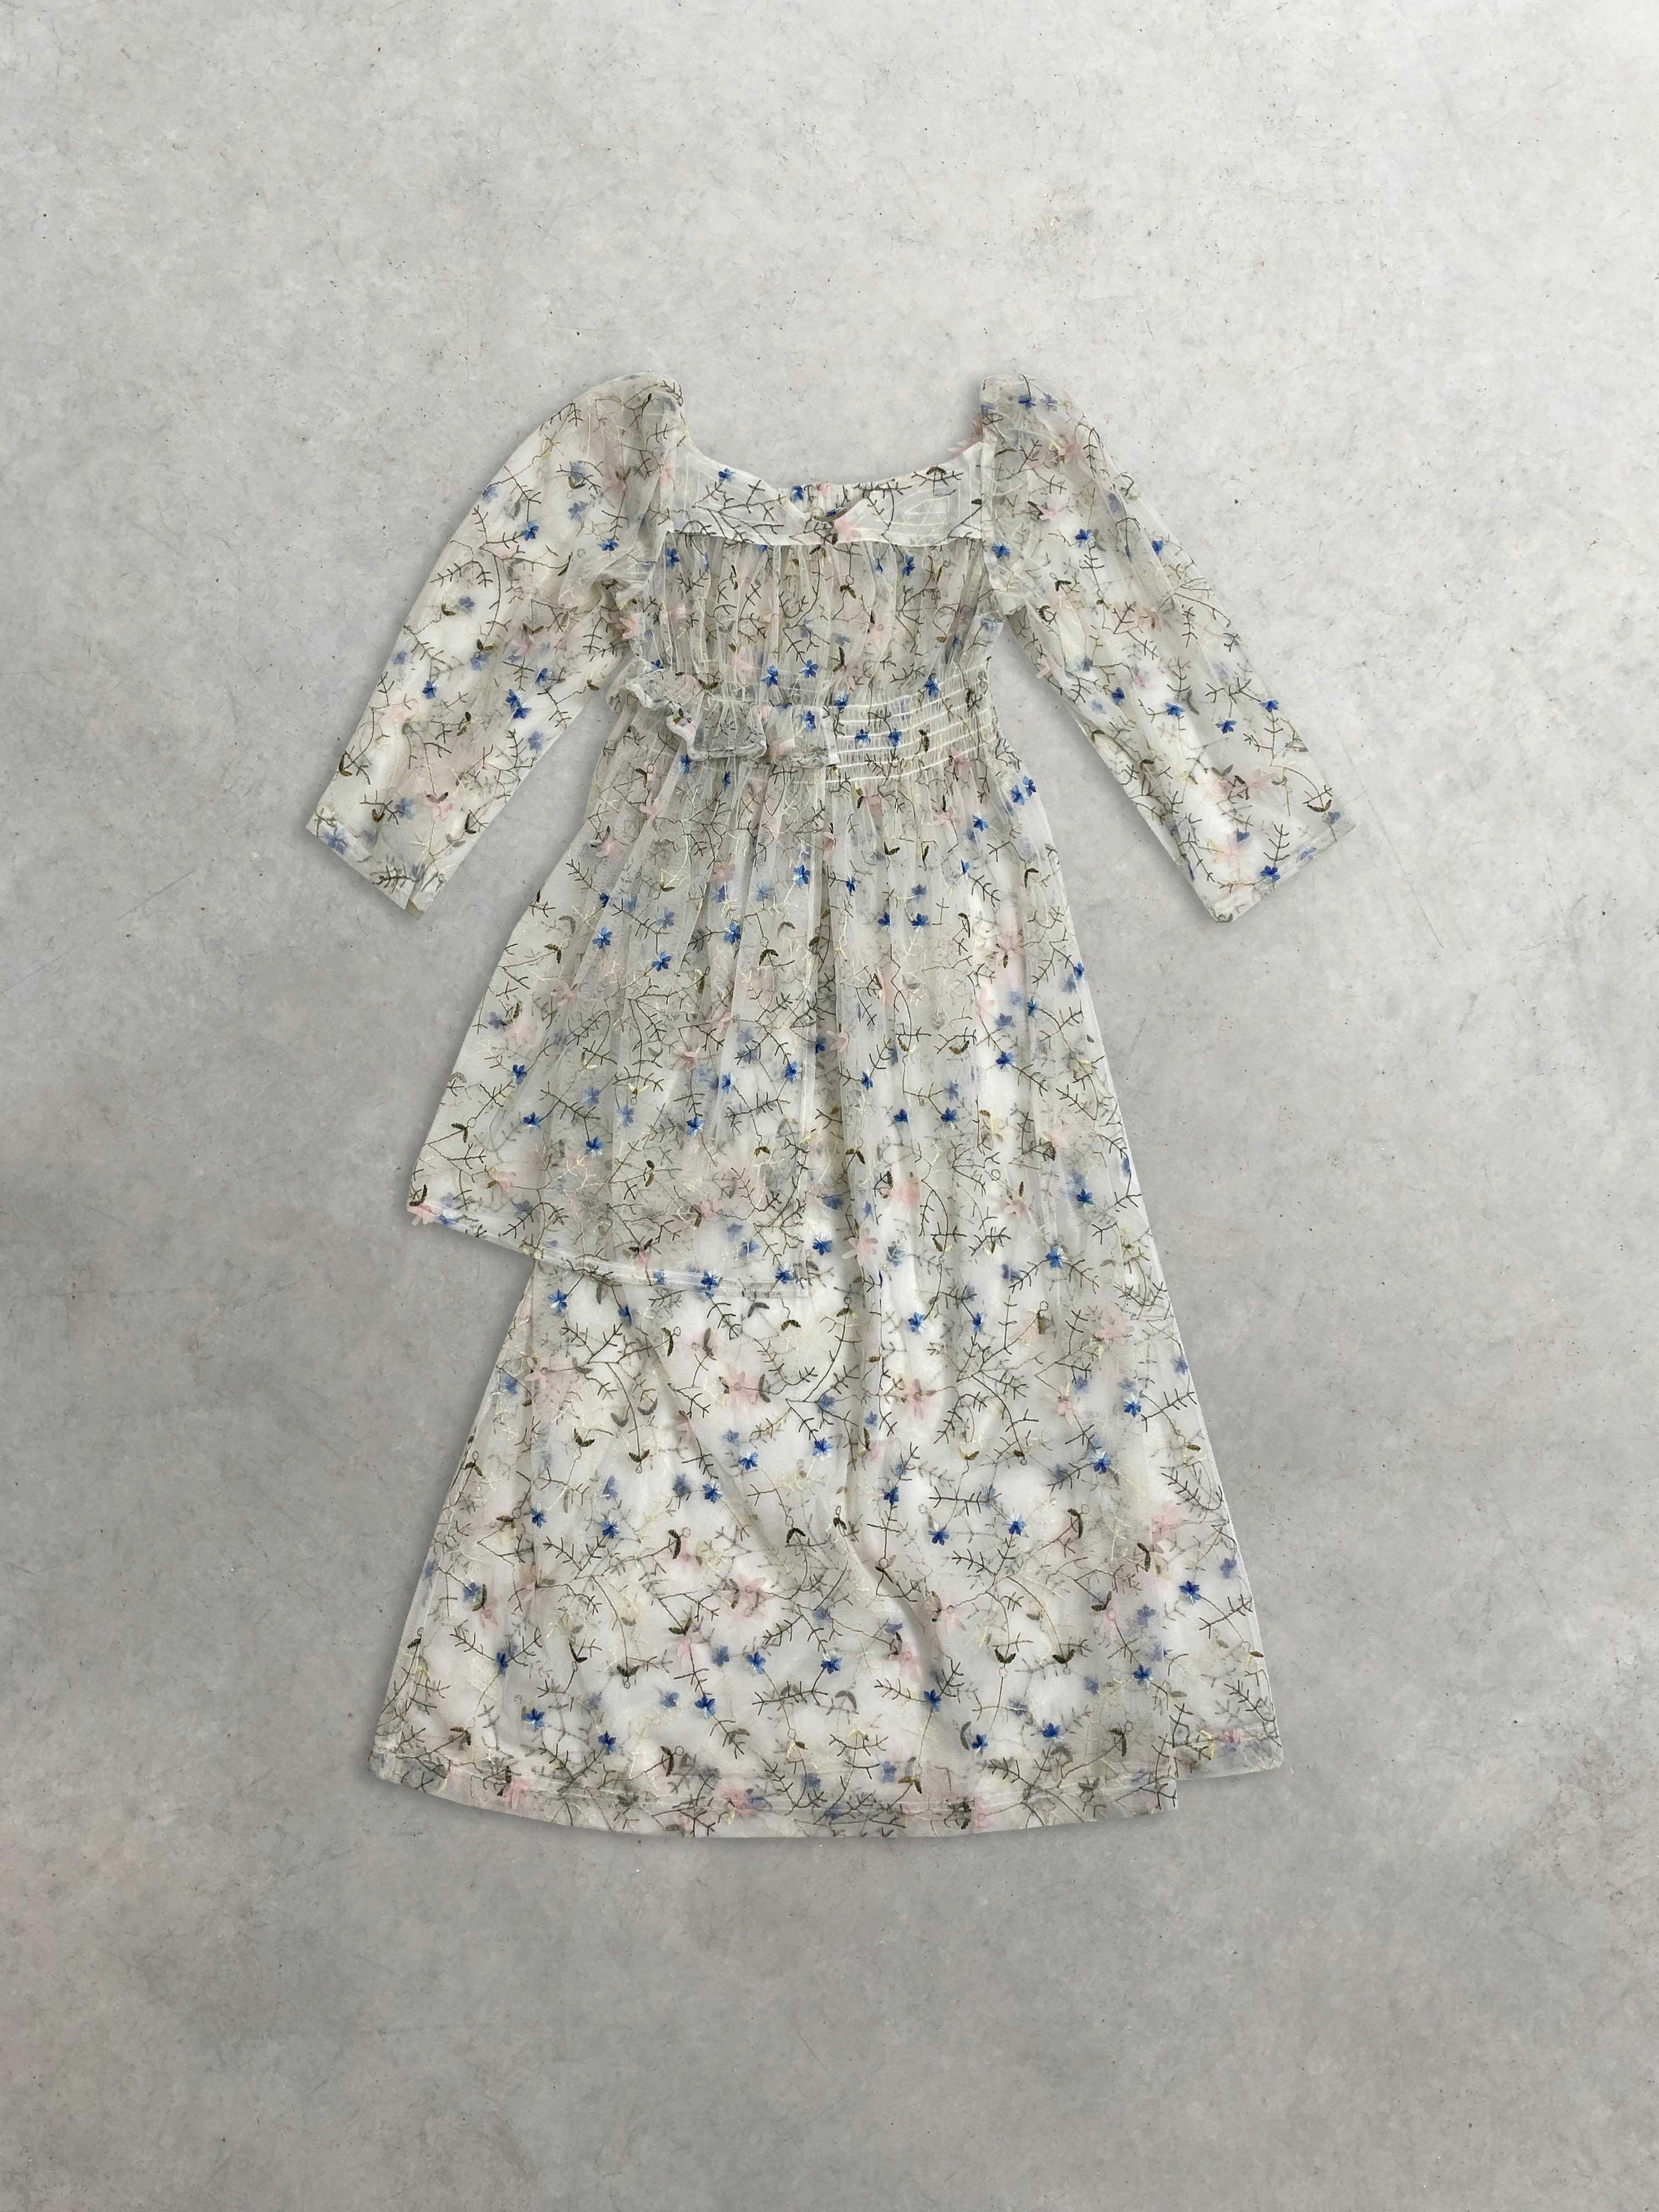 Packshot du produit Robe Transparente Brodée de Fleurs de la marque House of Sunny